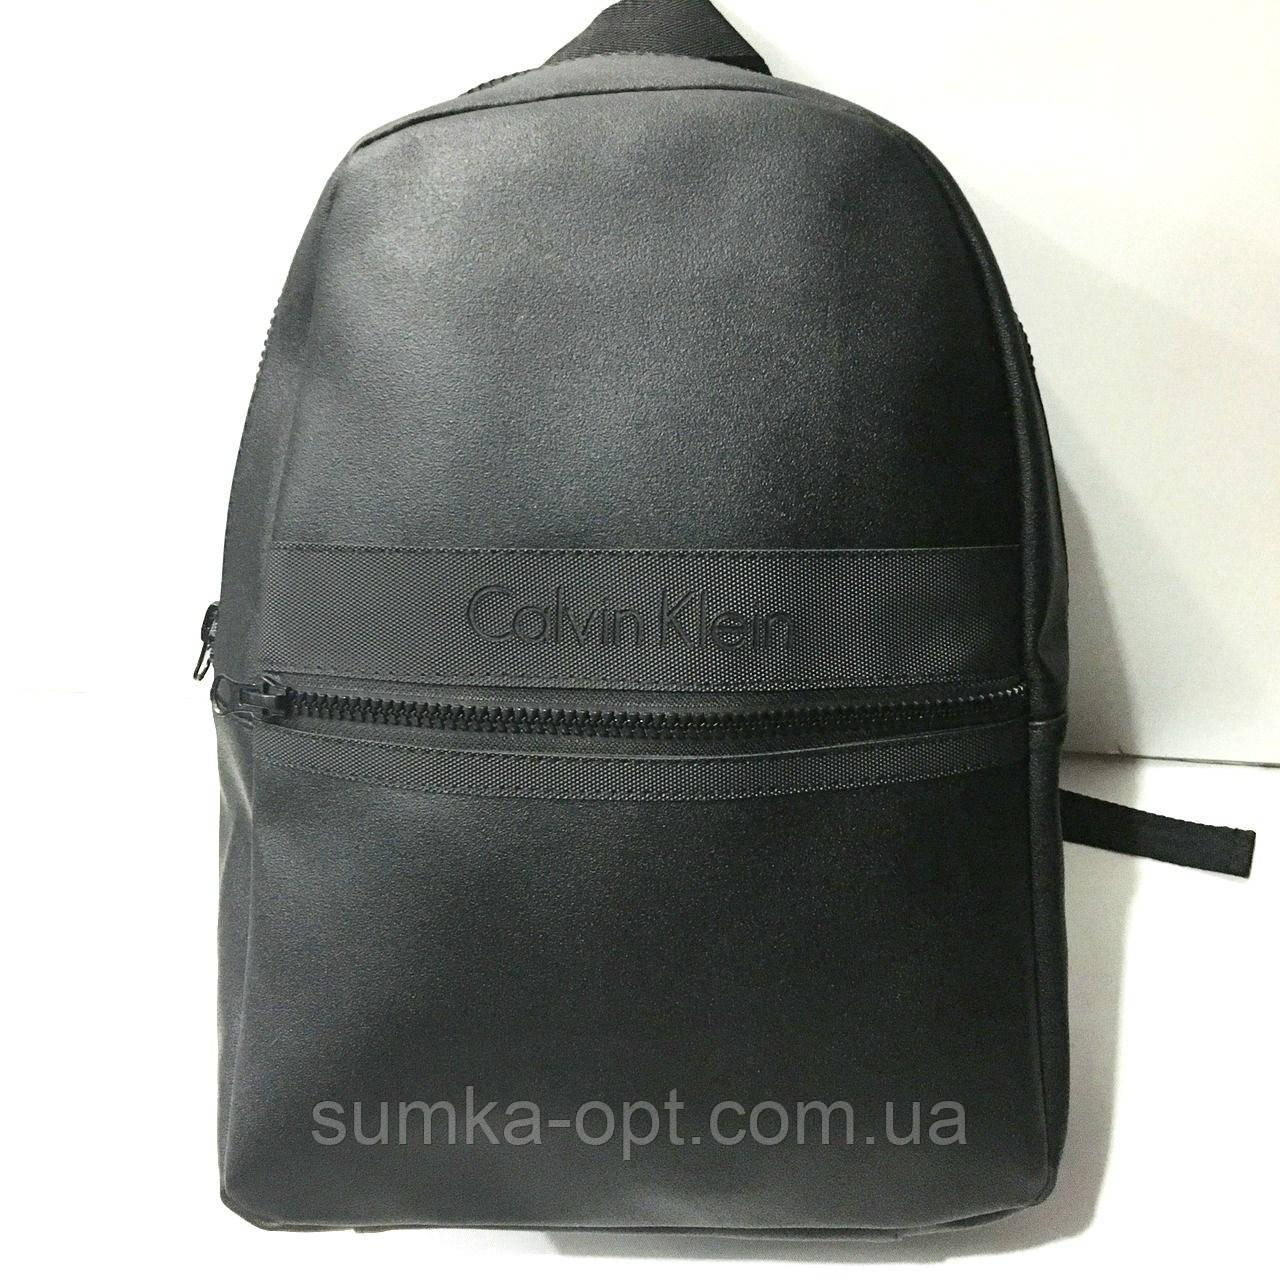 Рюкзаки спортивні еко шкіра Сalvin Klein (чорний)29*43см